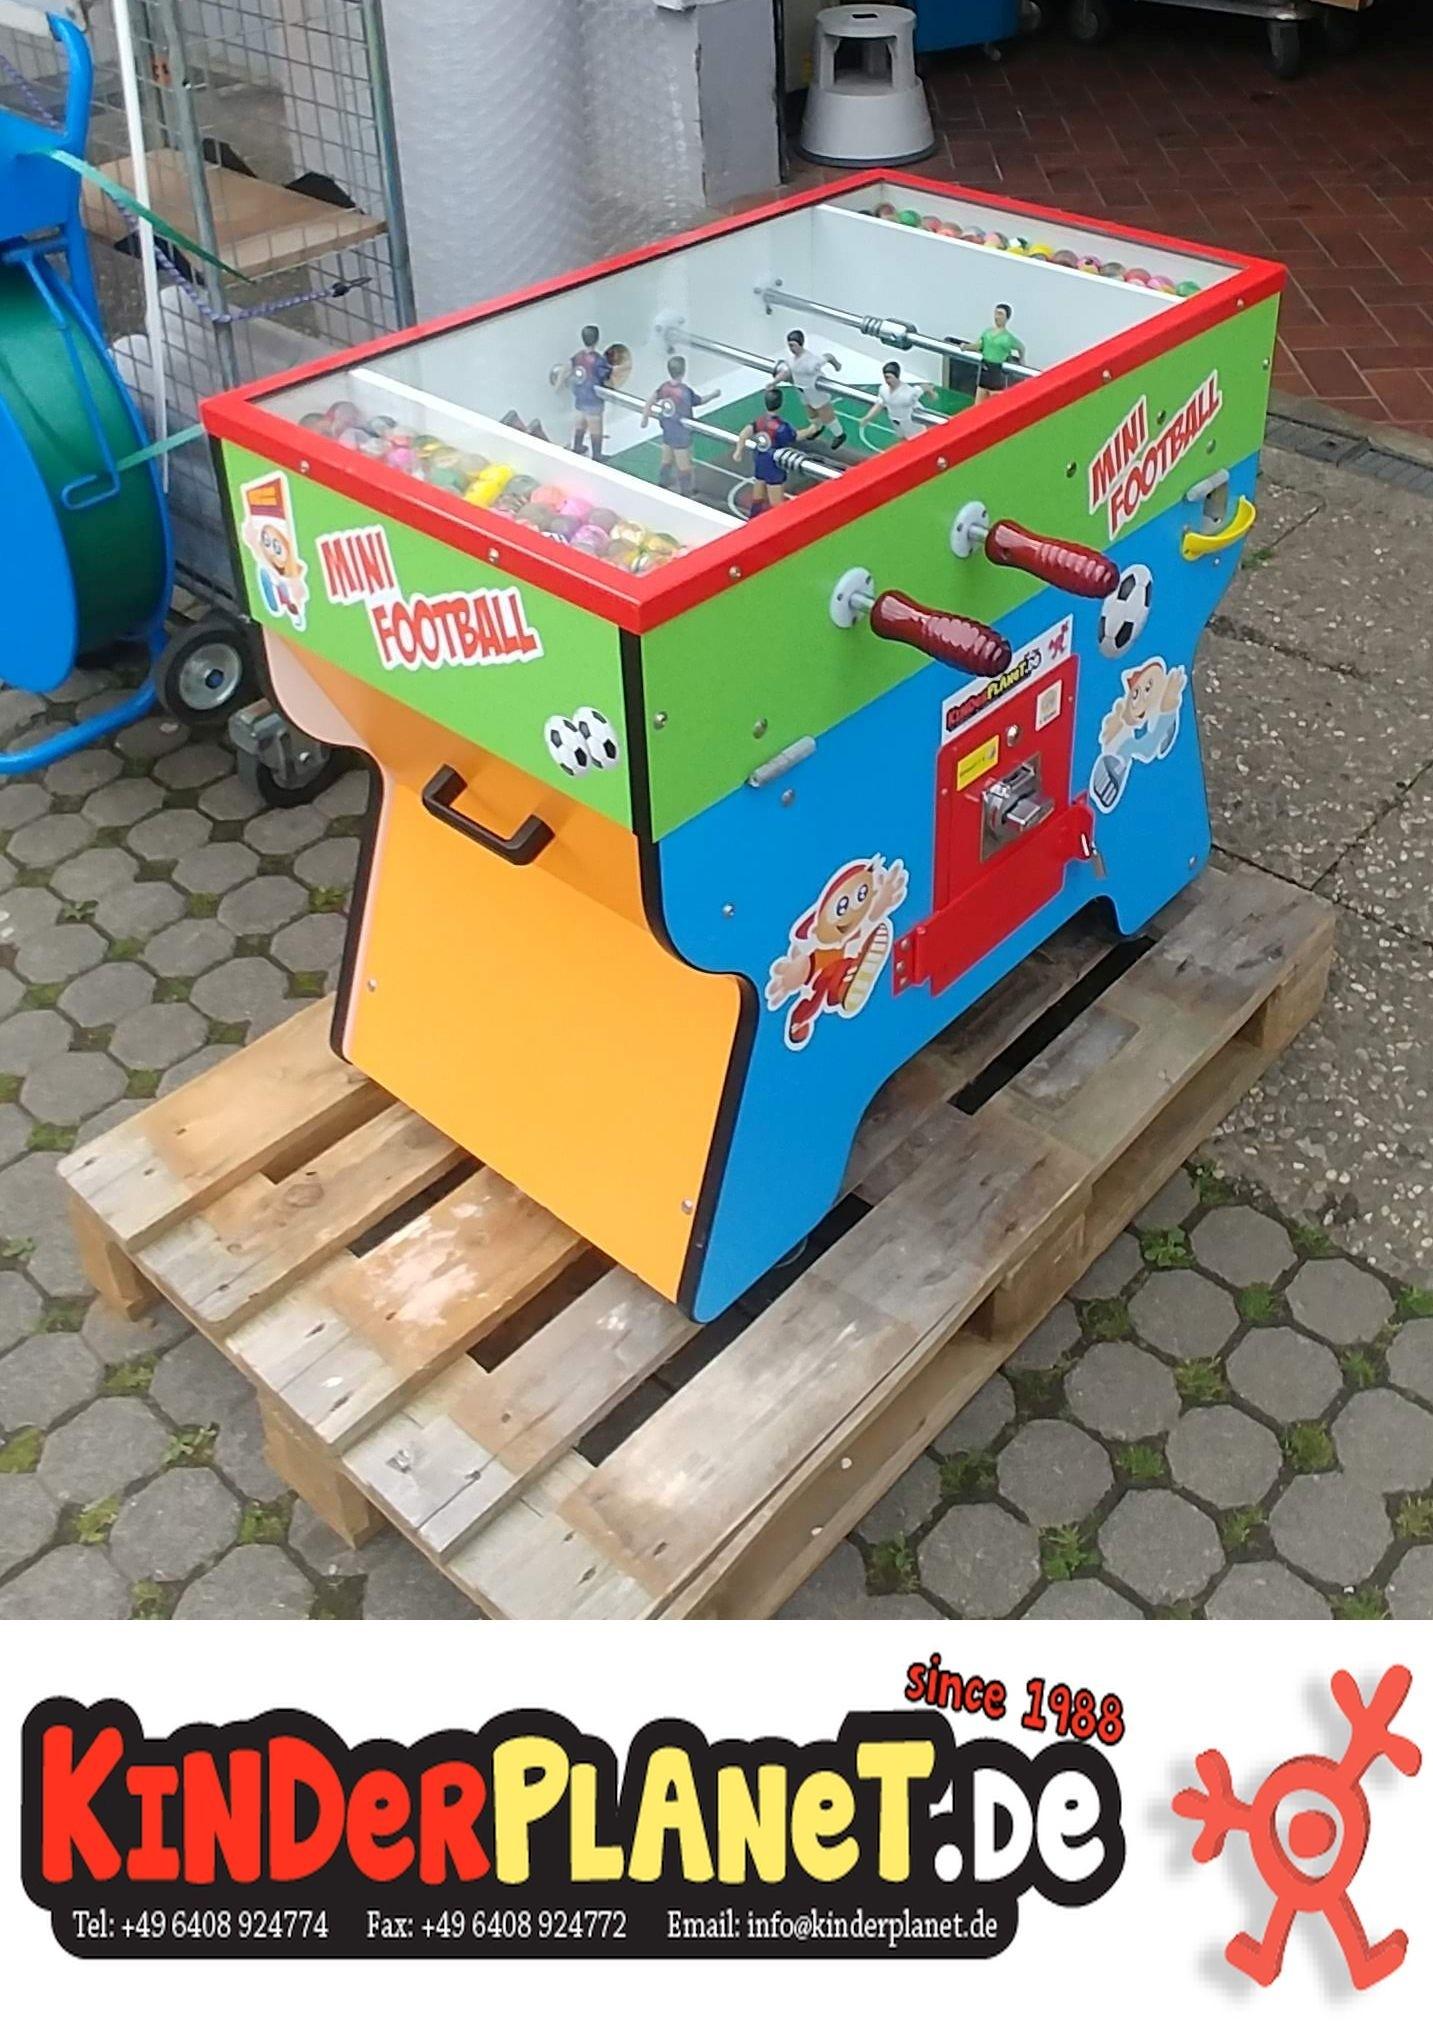 Tisch-Fußball-Spiel als Flummi-Automat!